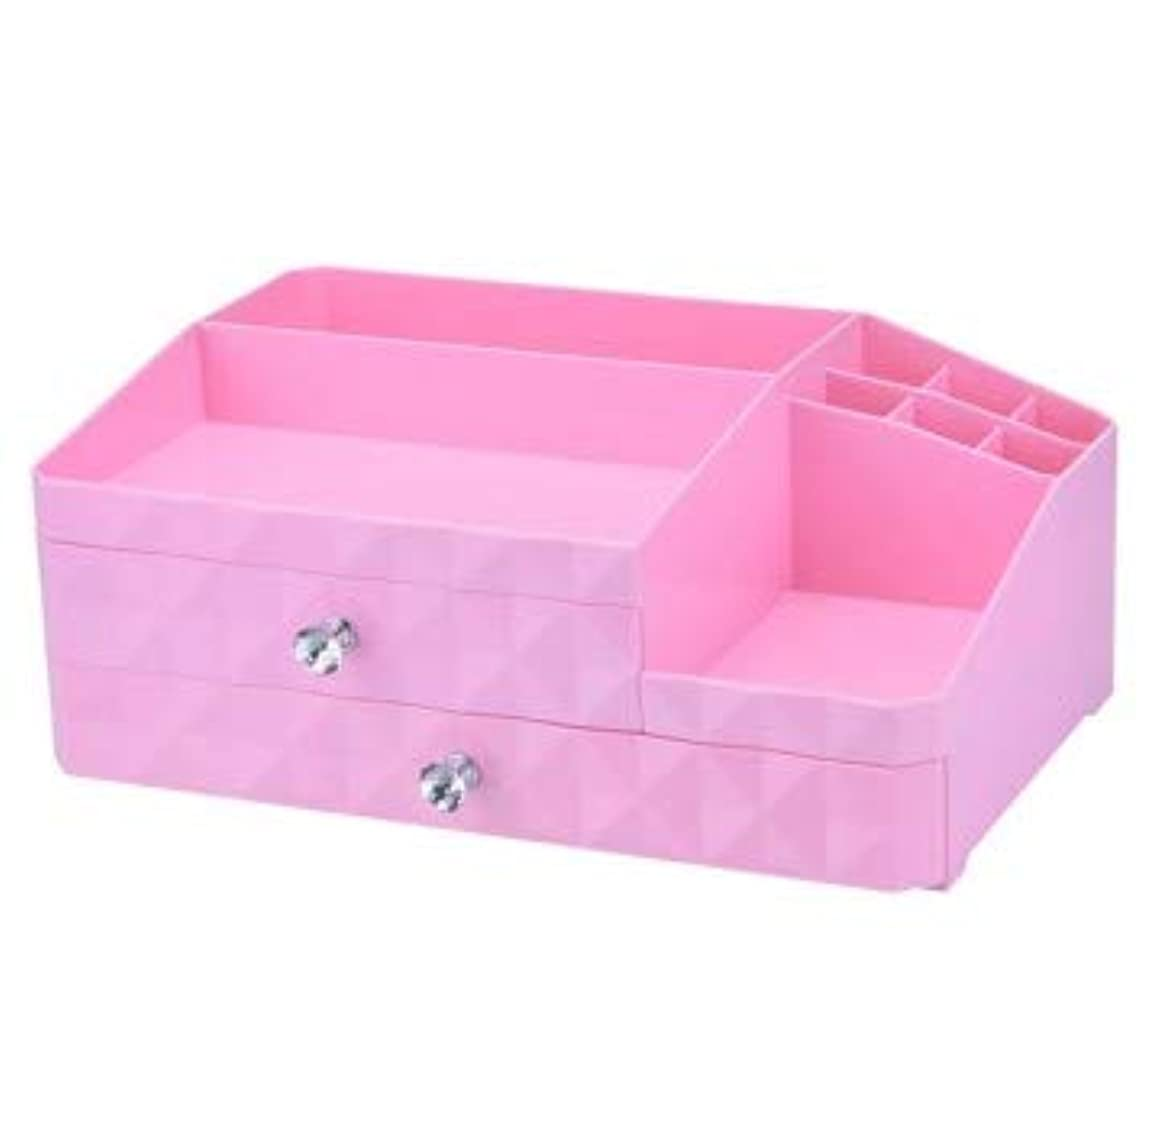 トースト神の毎週デスクトップジュエリーボックス引き出し化粧品収納ボックス三層プラスチック仕上げボックス (Color : ピンク)